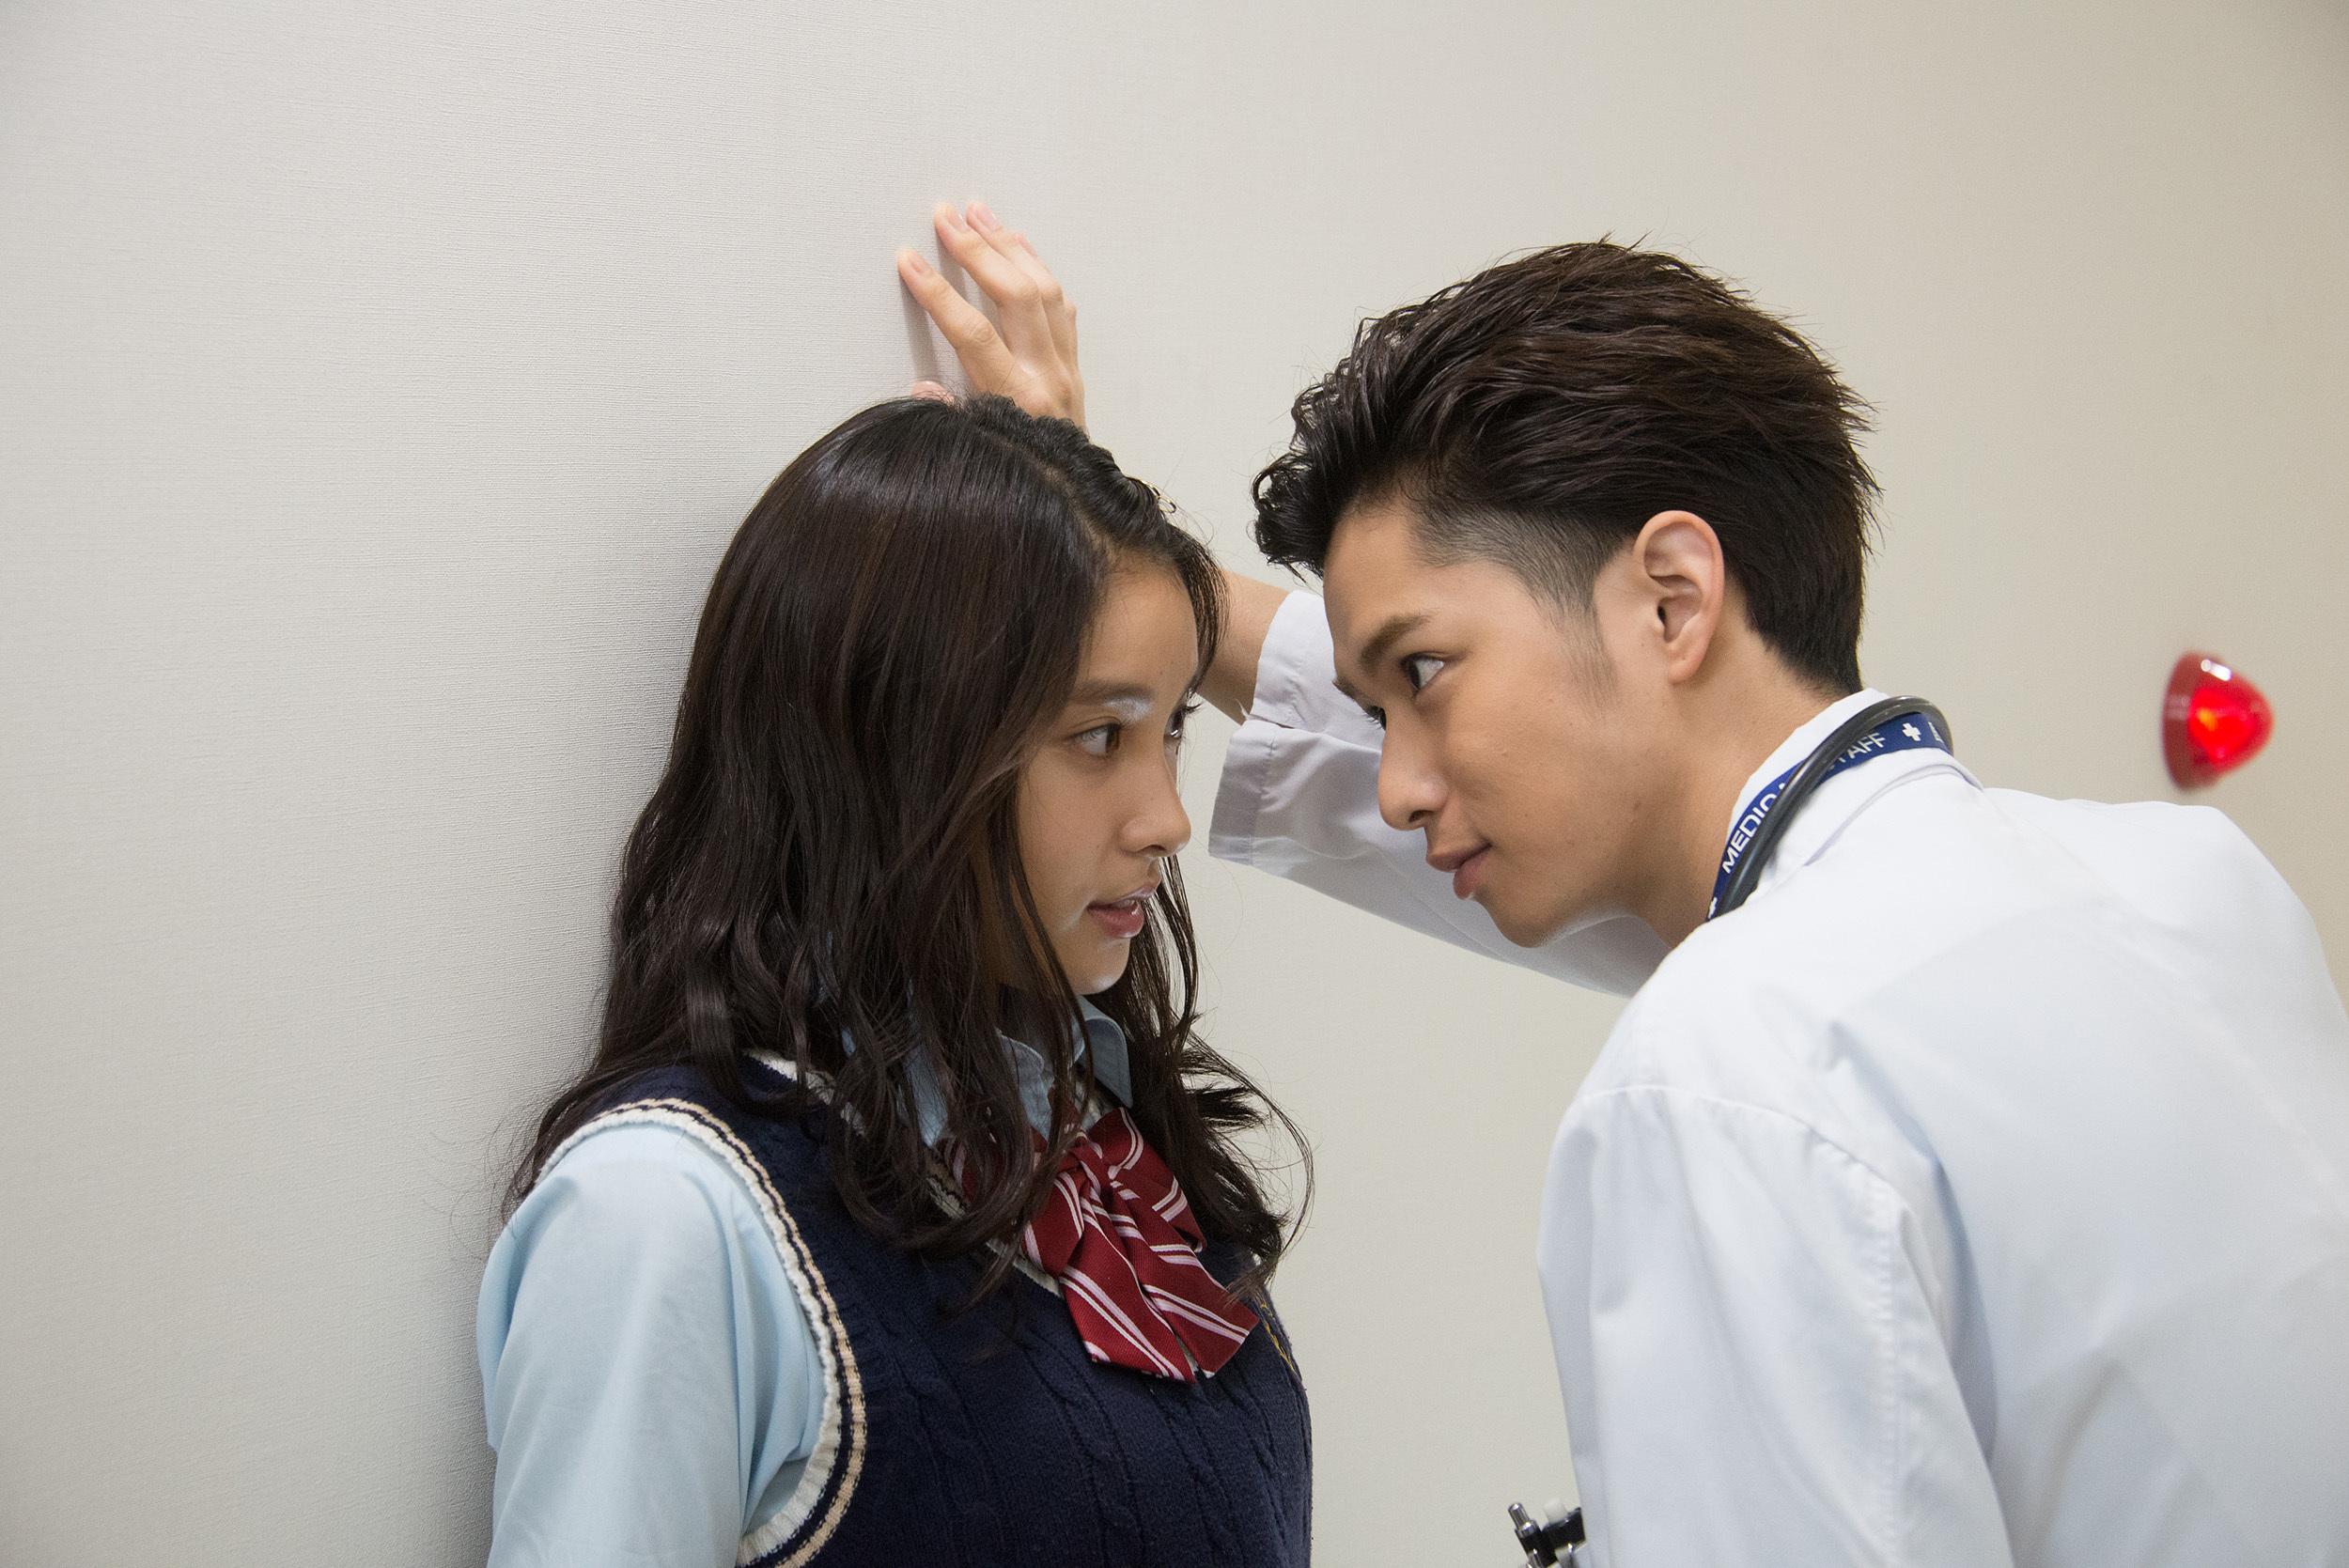 「兄に愛されすぎて困ってます日本テレビ」的圖片搜尋結果